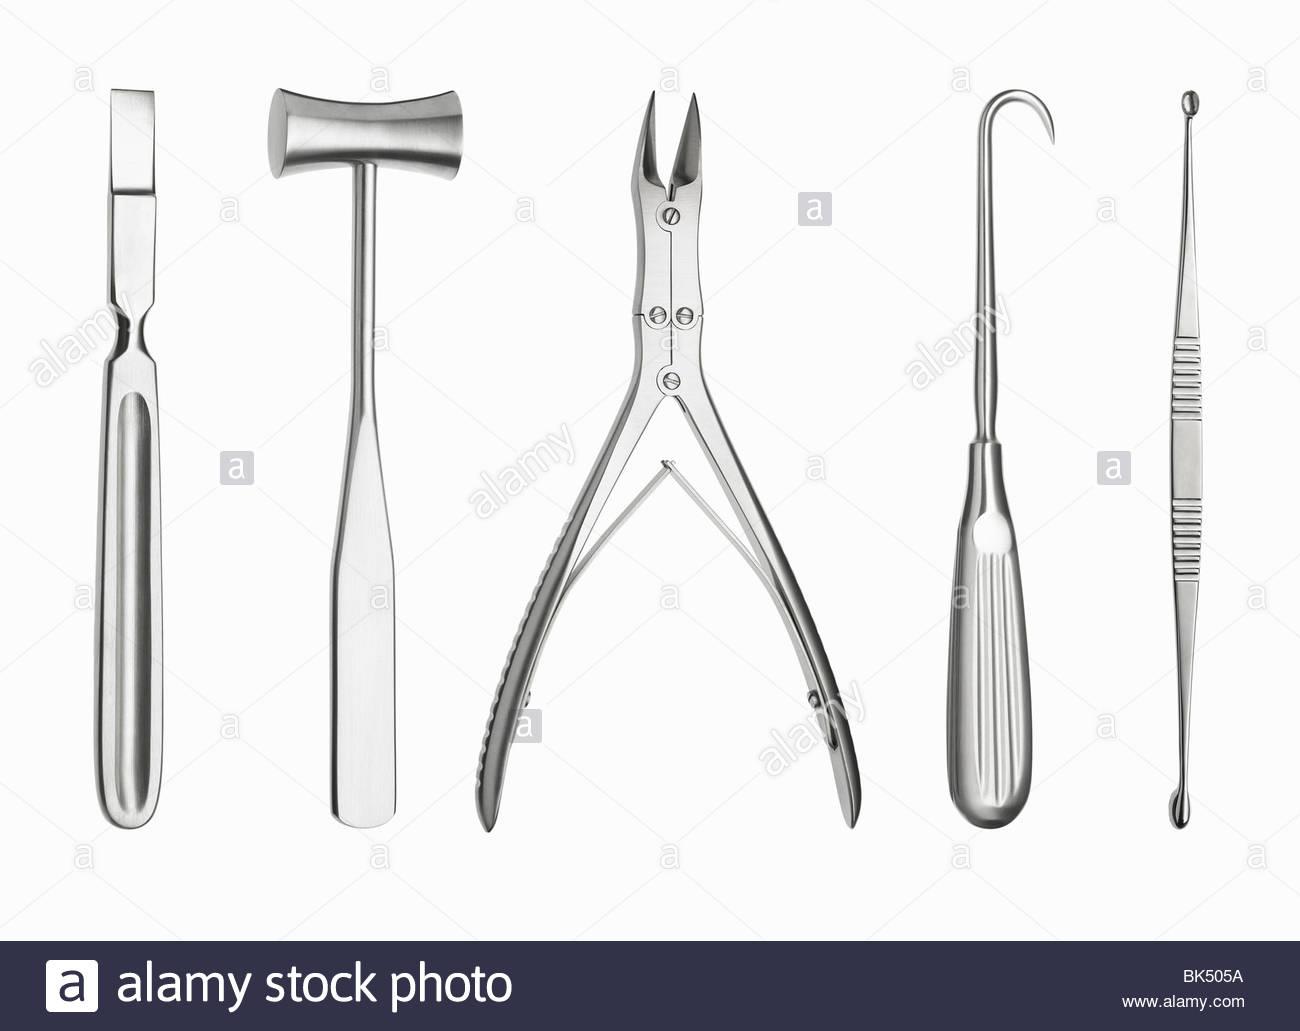 Herramientas quirúrgicas en una fila Imagen De Stock